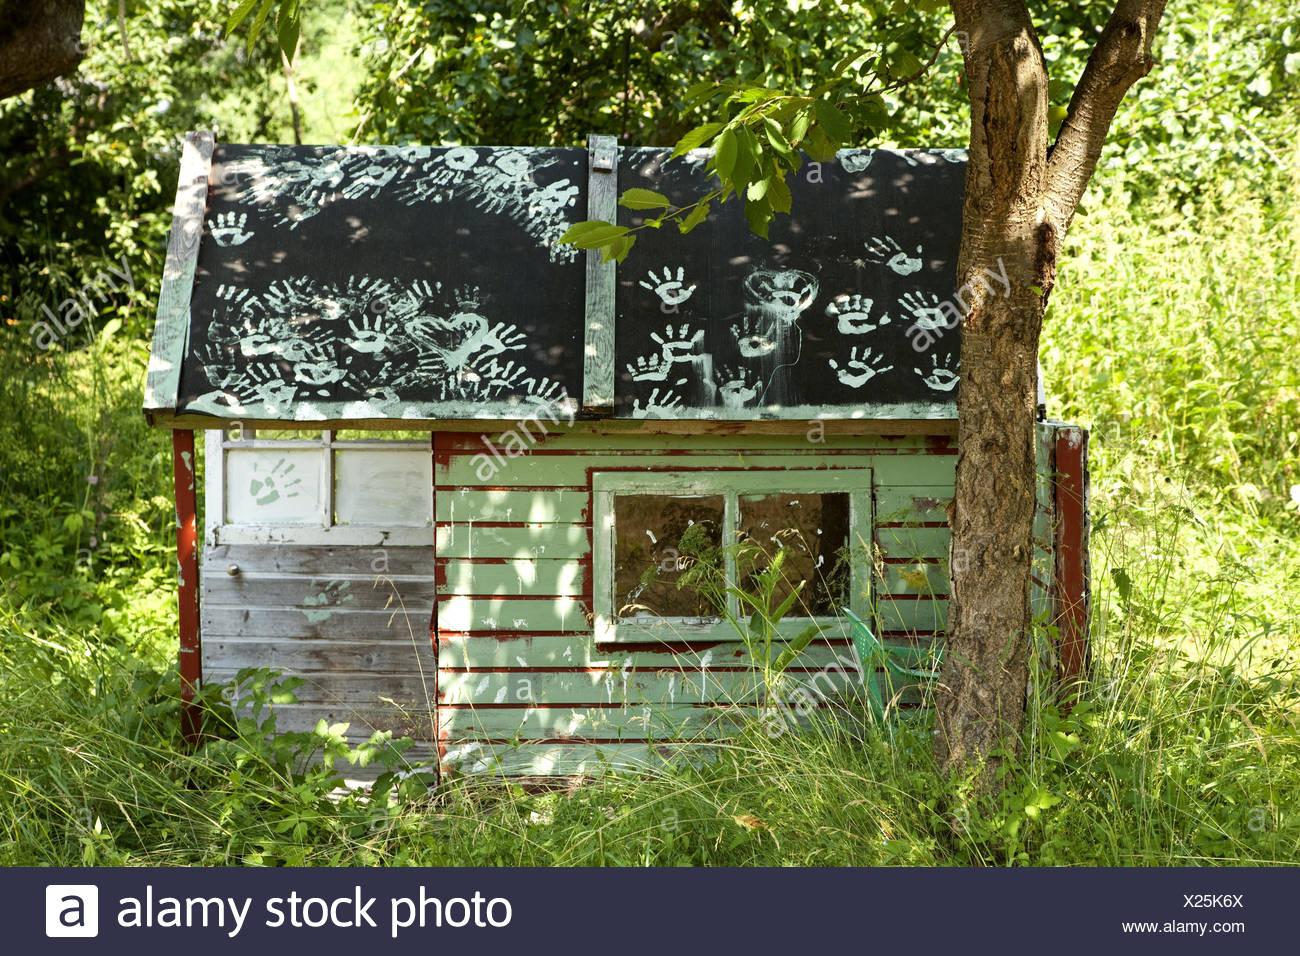 Garten, Kinder Haus, Holzhaus, Hütte, Blockhaus, Garten, Natur, Sommer,  Baum, Gartenhaus, Garten, Haus, Kindheitstraum, Kindheit, Spielhaus, Land,  Spielen, ...